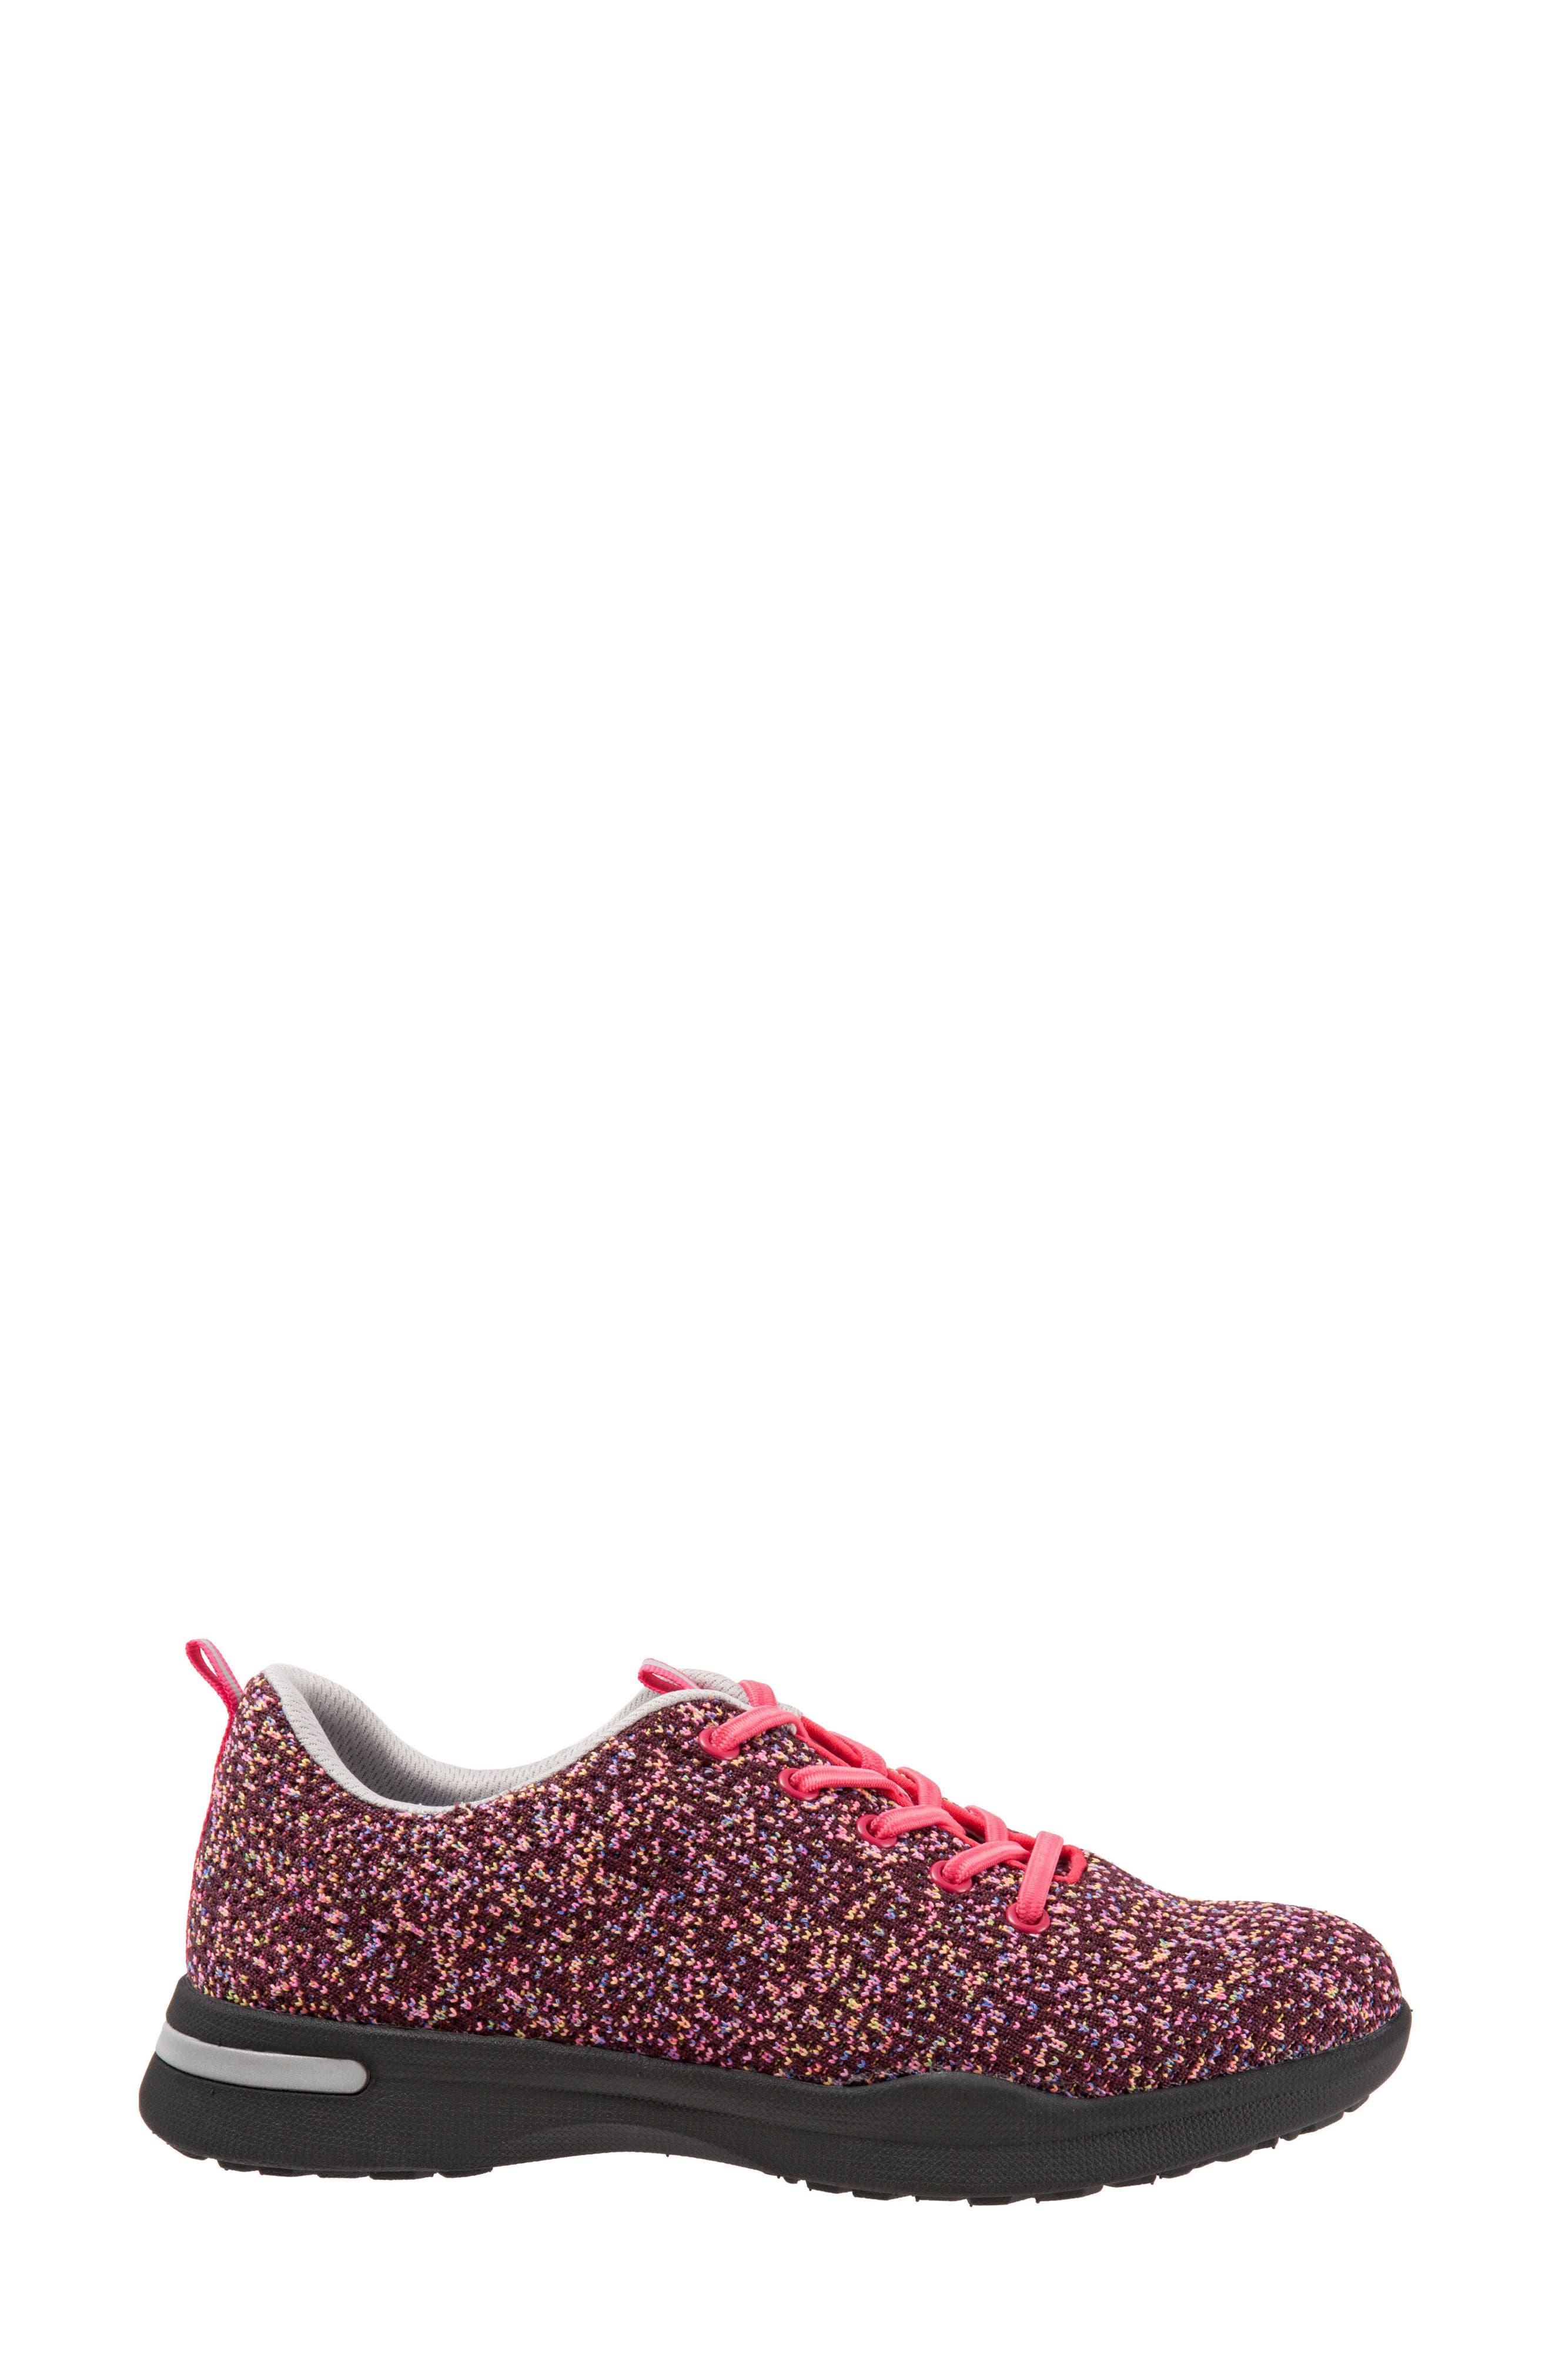 Sampson Sneaker,                             Alternate thumbnail 6, color,